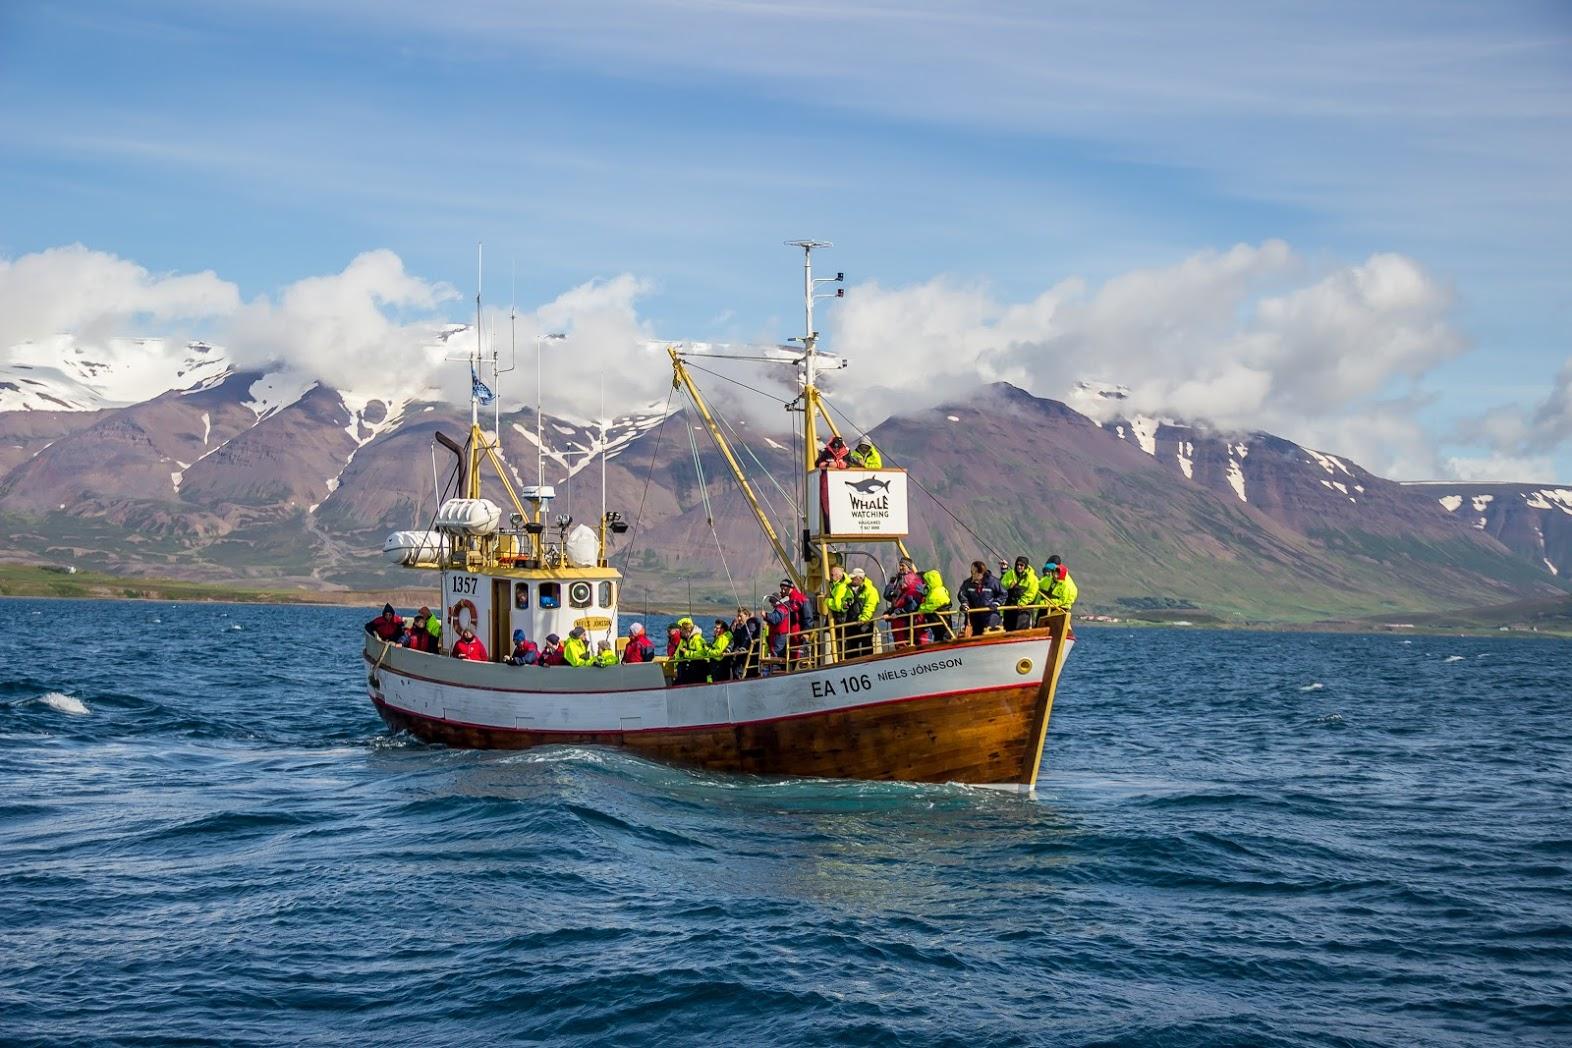 Nordisland er et fantastisk sted til hvalsafari og har en af de højeste succesrater.